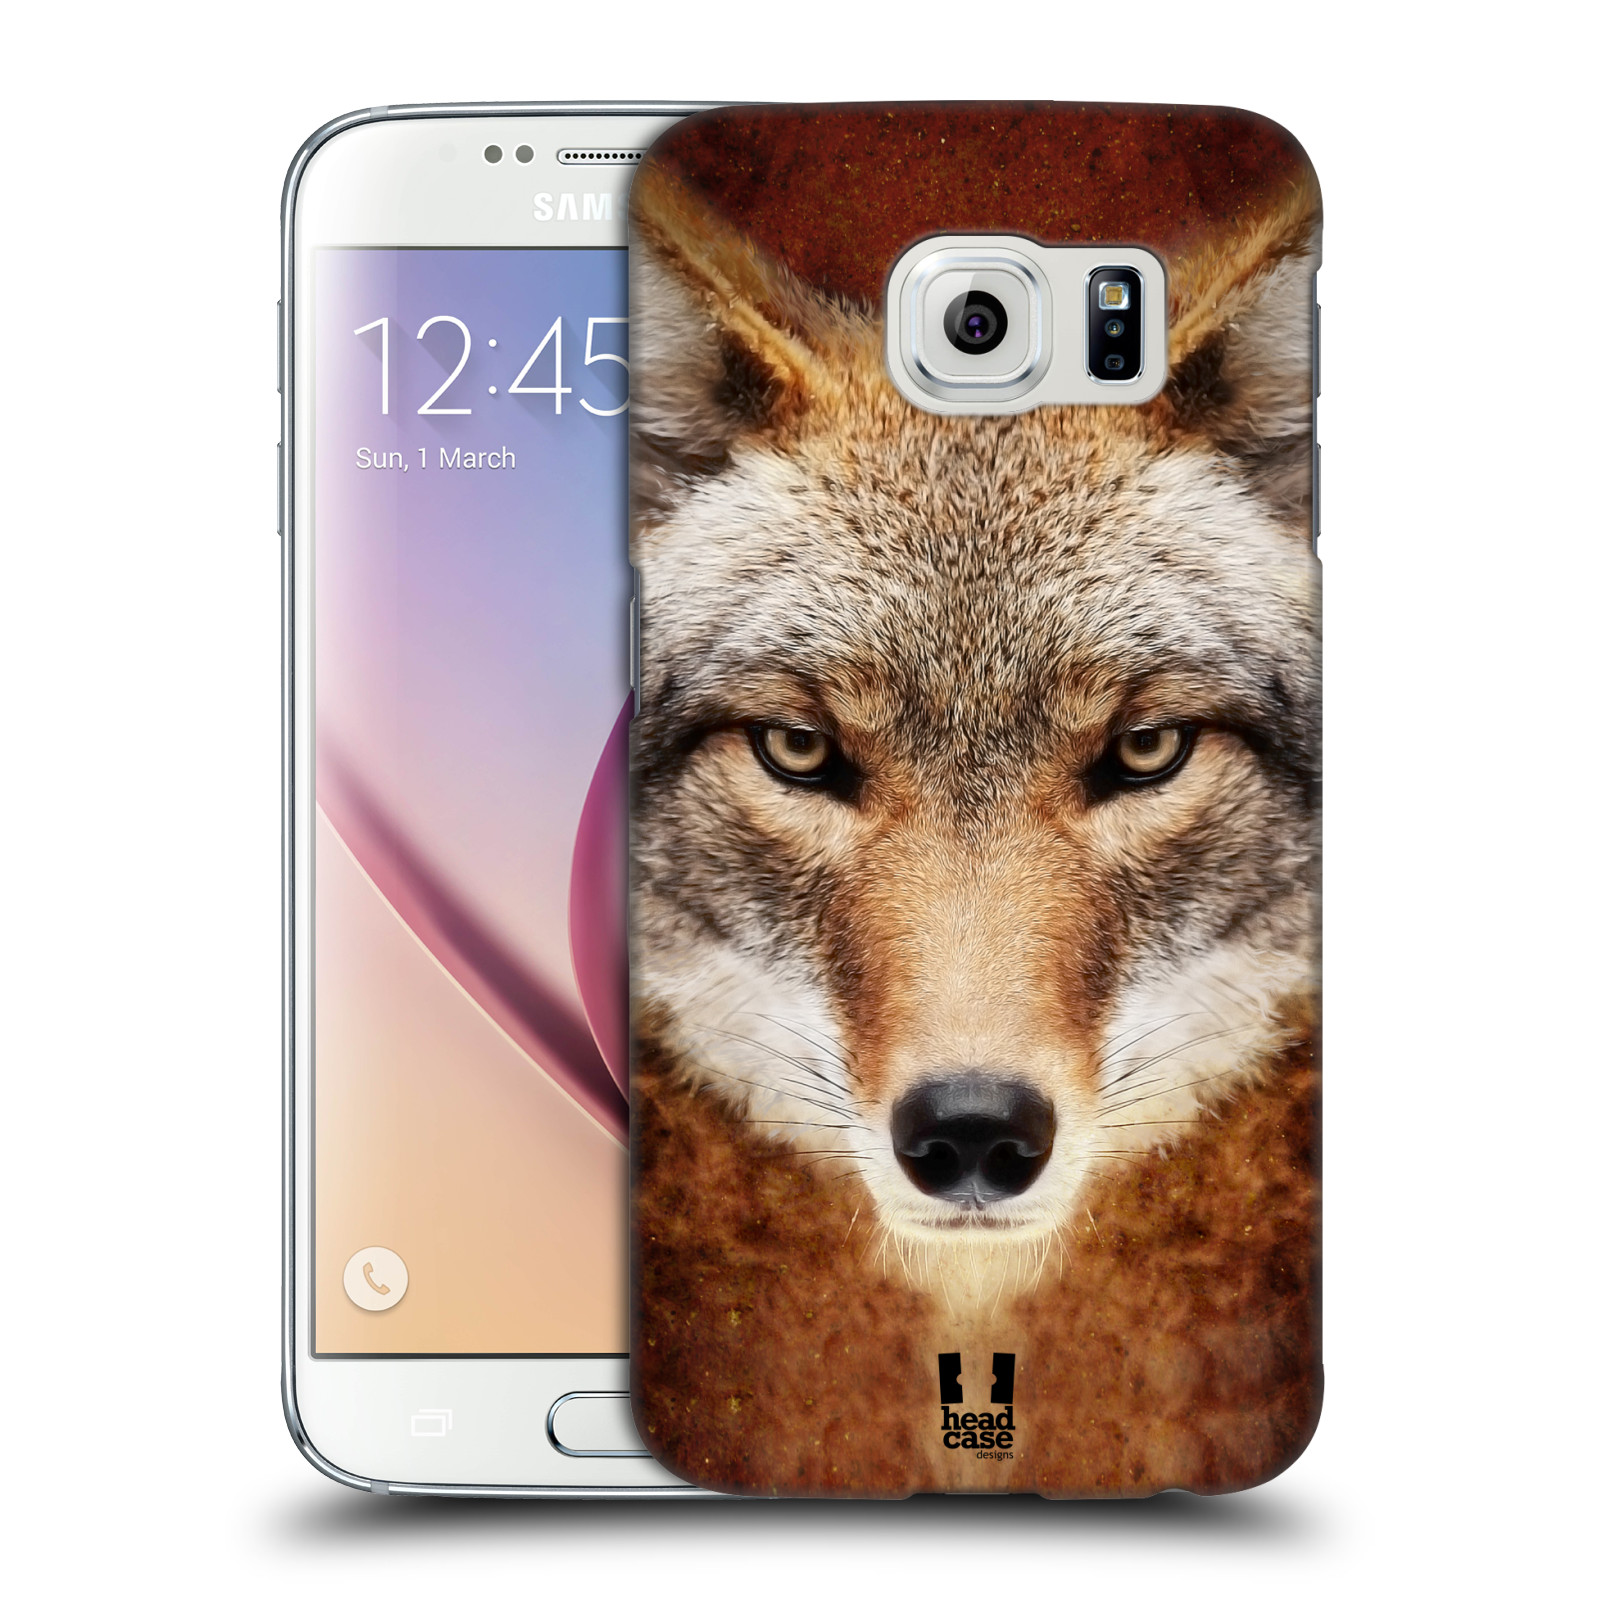 HEAD CASE plastový obal na mobil SAMSUNG Galaxy S6 (G9200, G920F) vzor Zvířecí tváře kojot